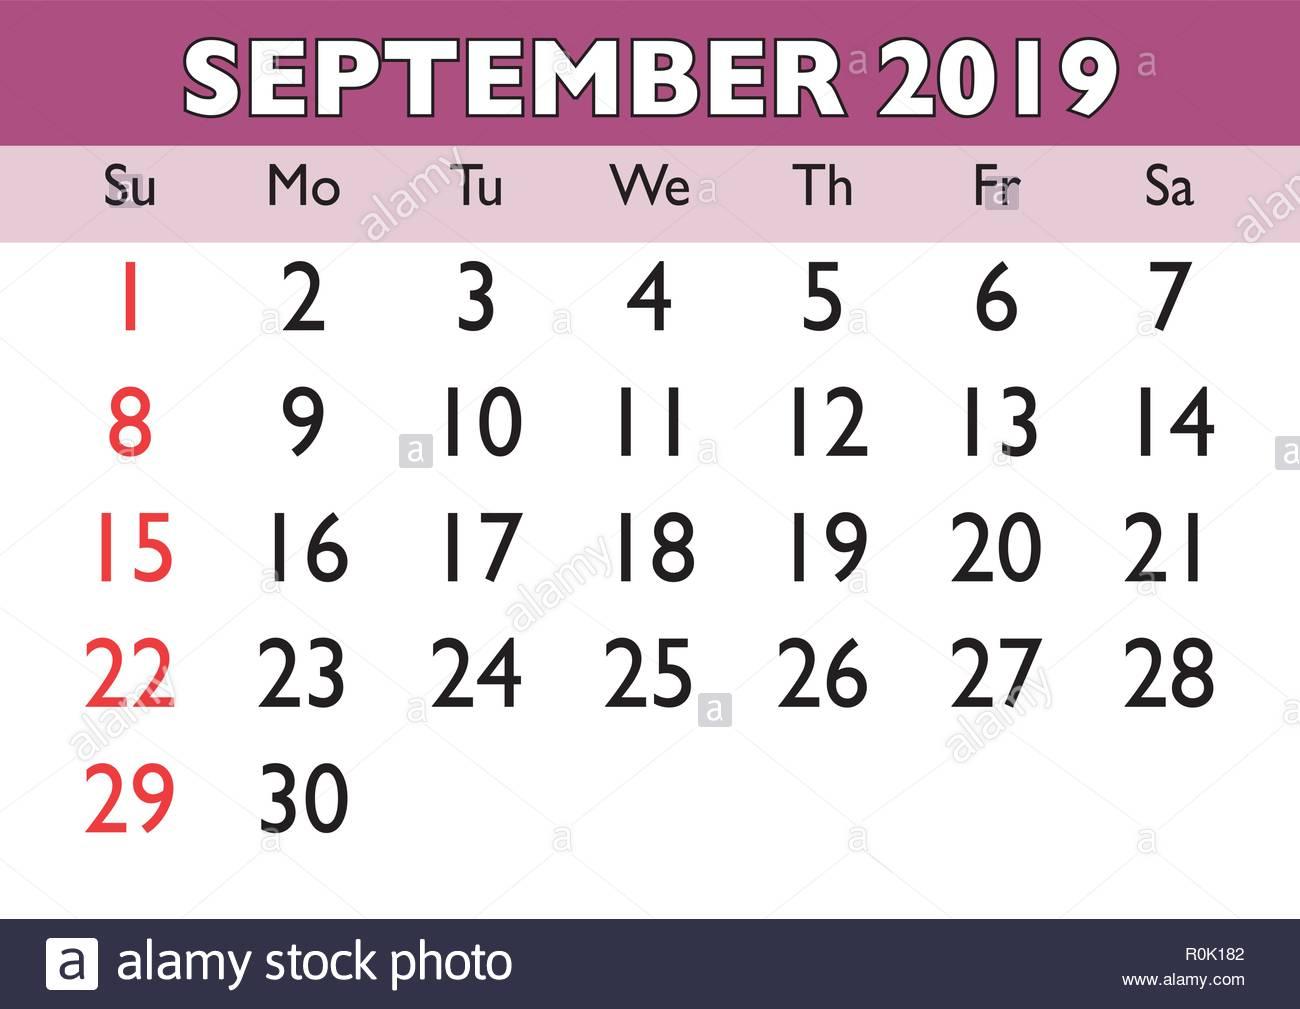 Calendrier Mois De Septembre.Calendrier Mois De Septembre 2019 Vector Version Calendrier